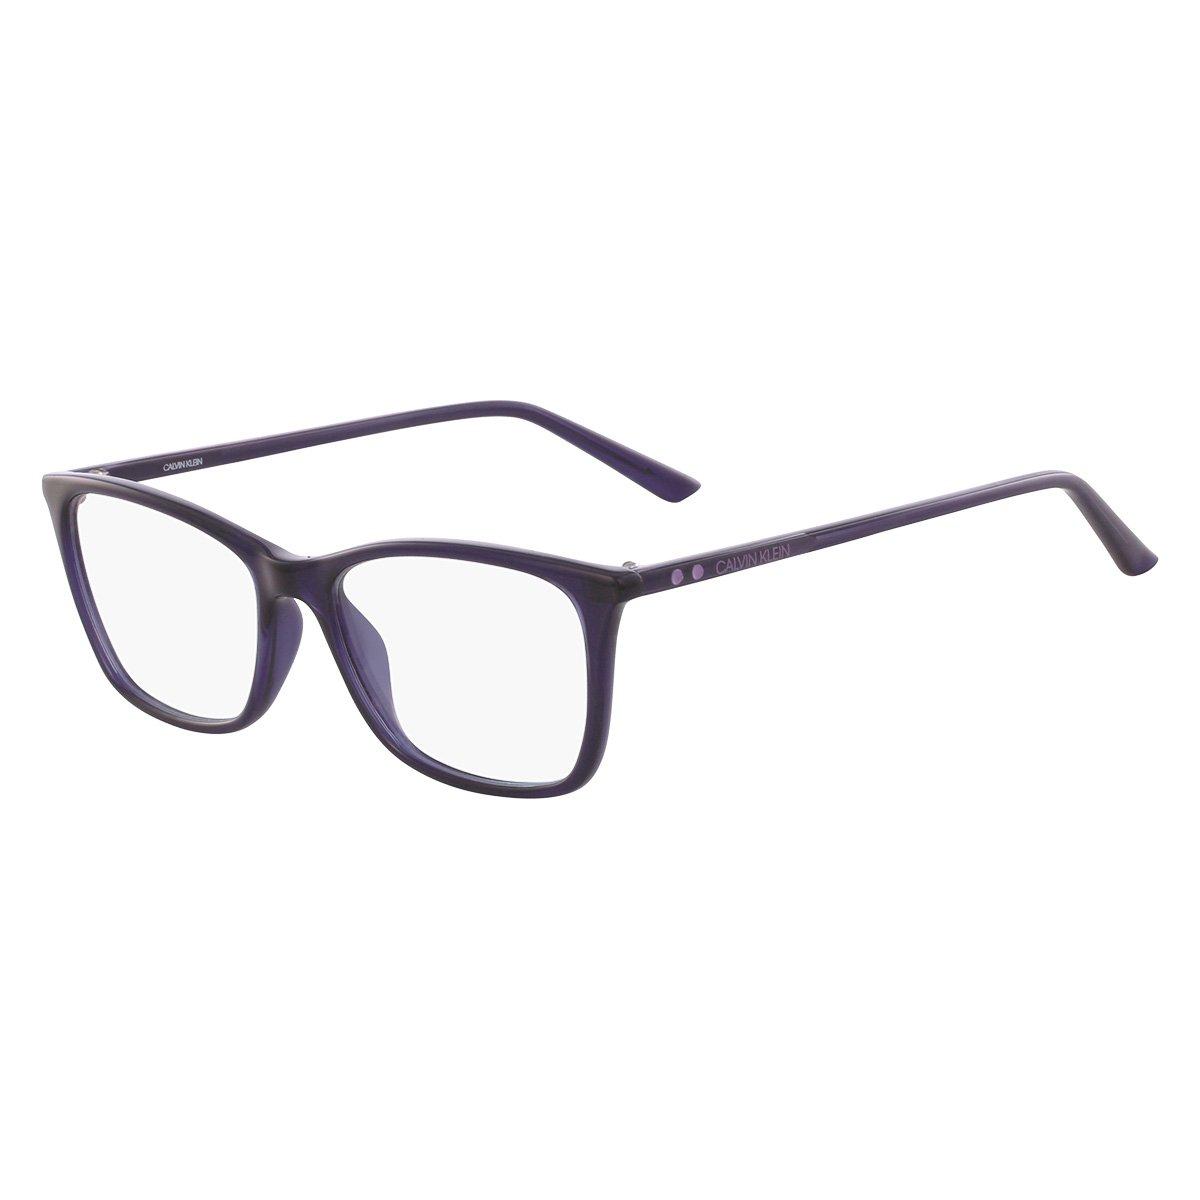 Óculos Calvin Klein Ck18542 408 Feminino